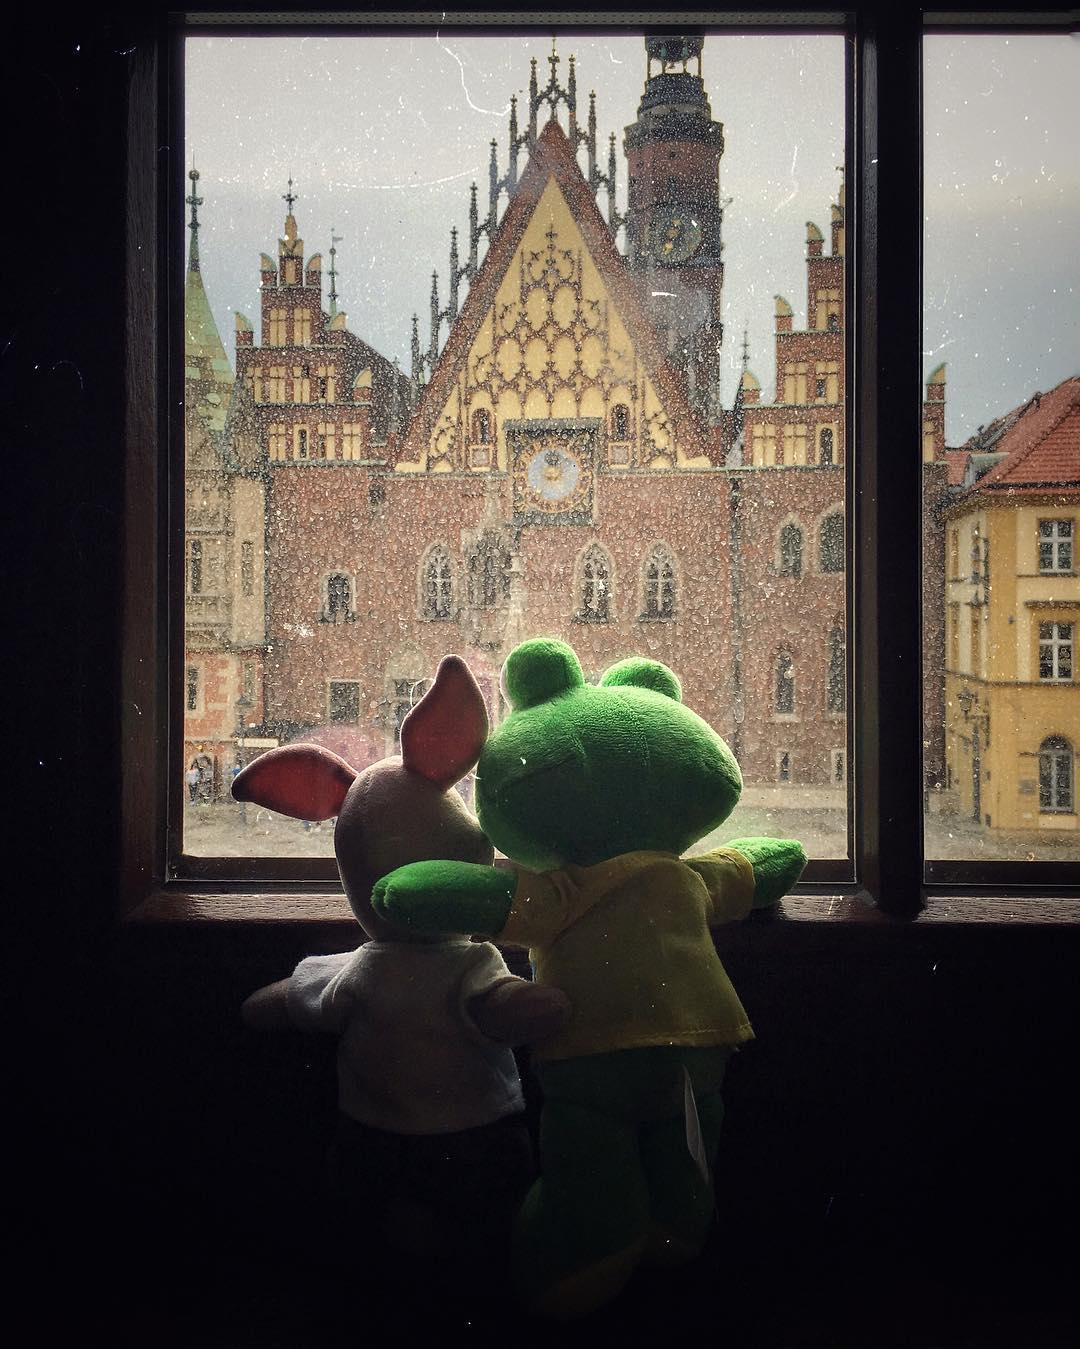 Wir sind gestern gut in Wroclaw gelandet. Auf den ersten Blick: eine spannende Stadt, die entdeckt werden will.